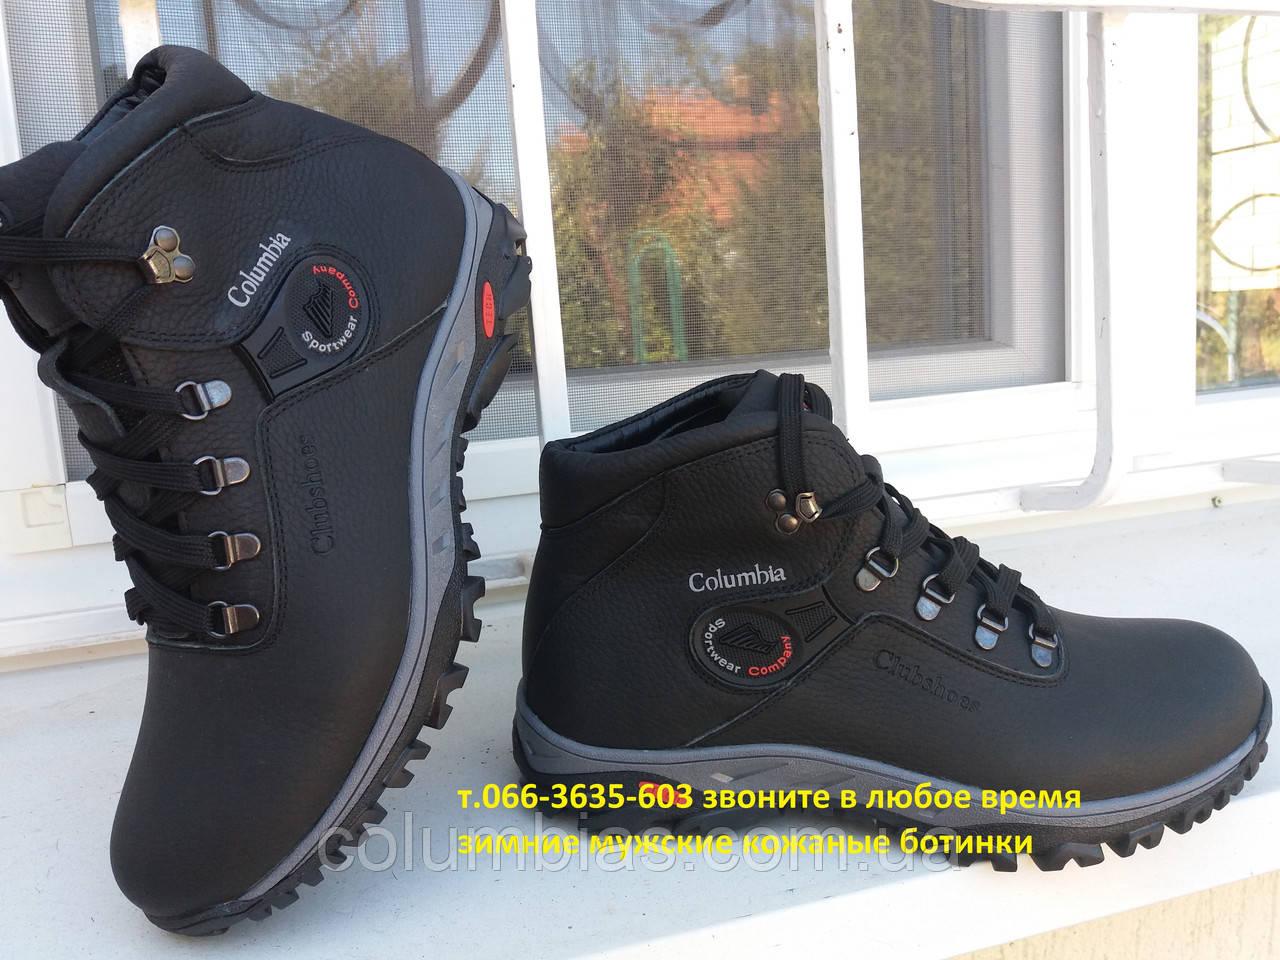 Зимние ботинки Columвia кожаные